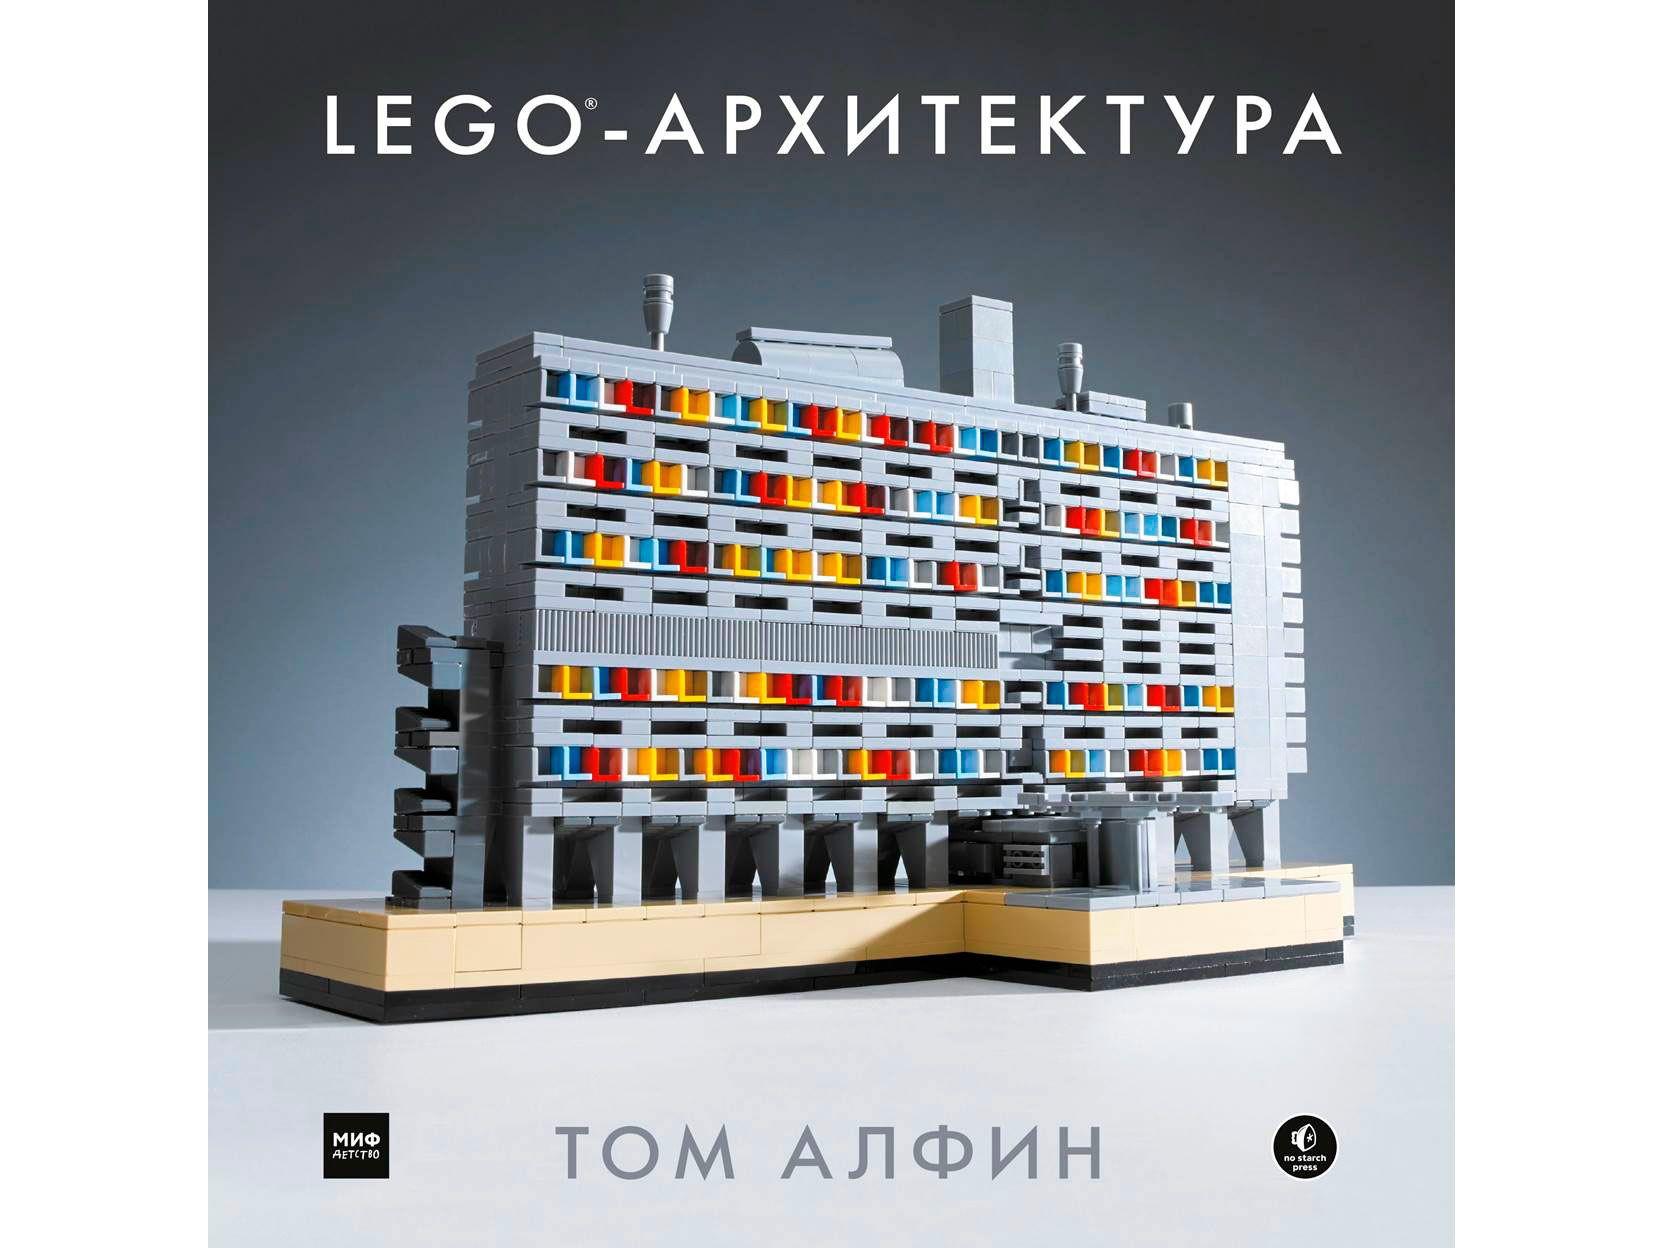 Как однажды попасть в страну Lego…